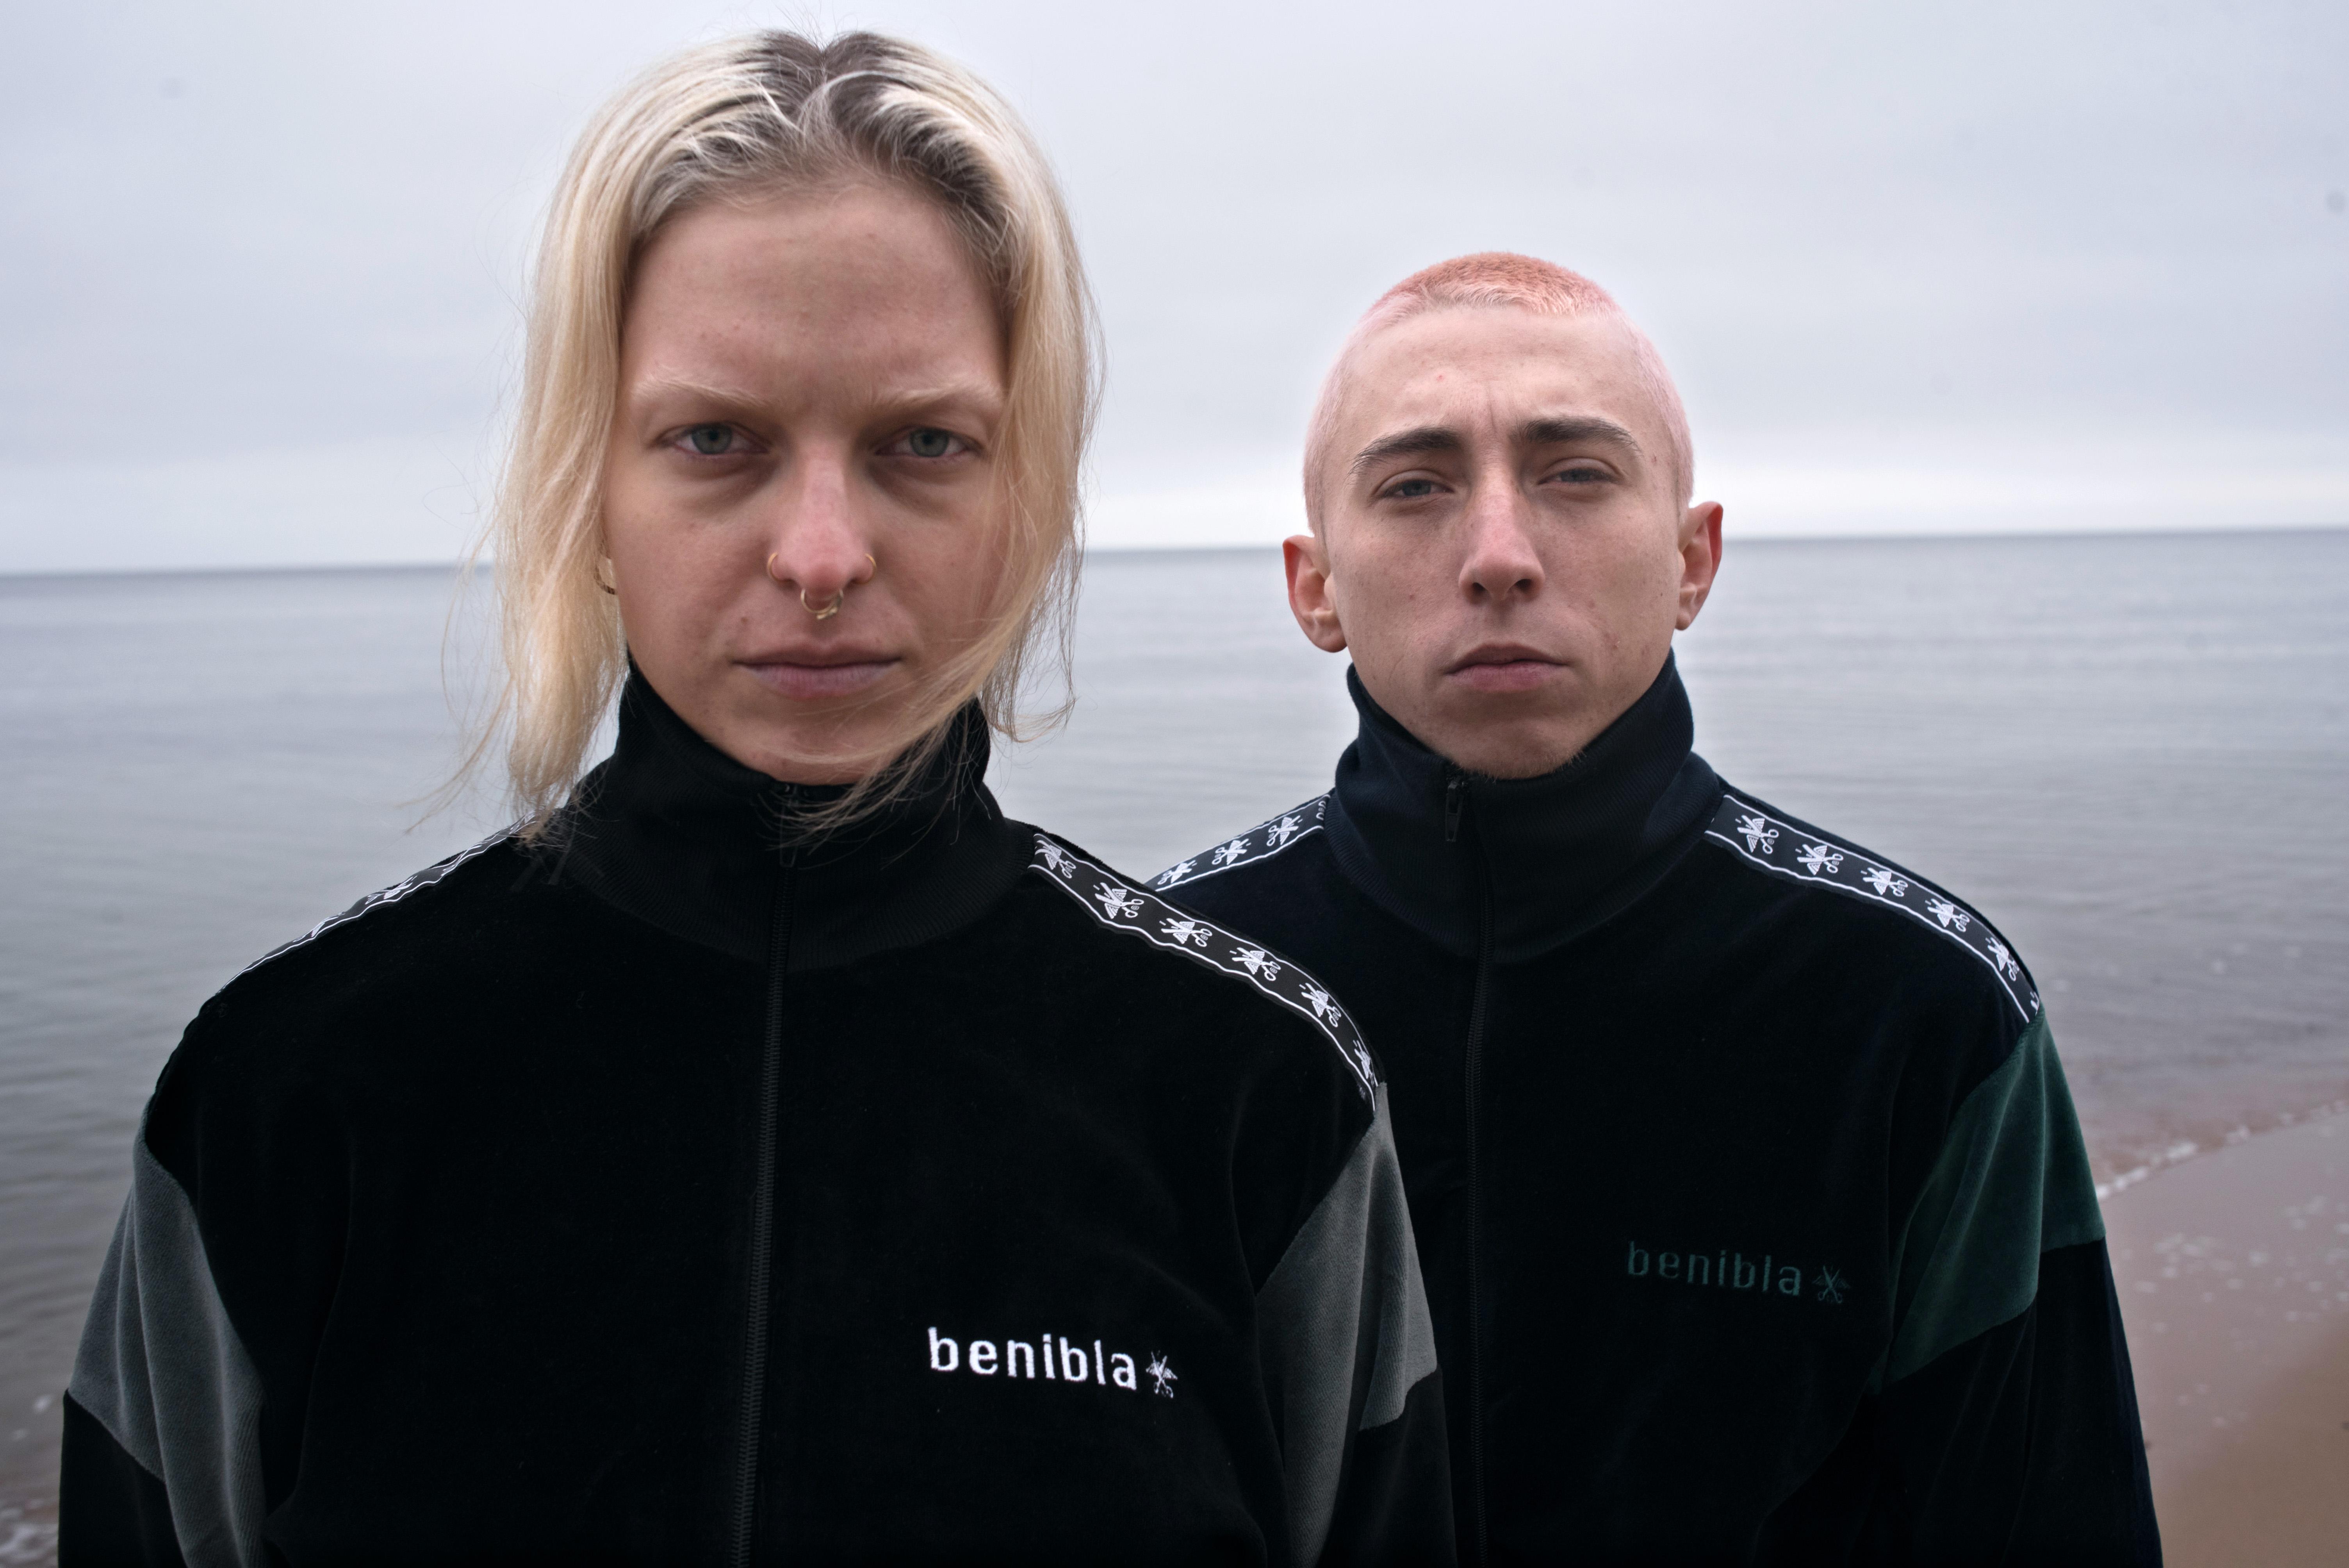 Benibla dévoile le lookbook de sa collection Hiver 2017 shooté en Suède